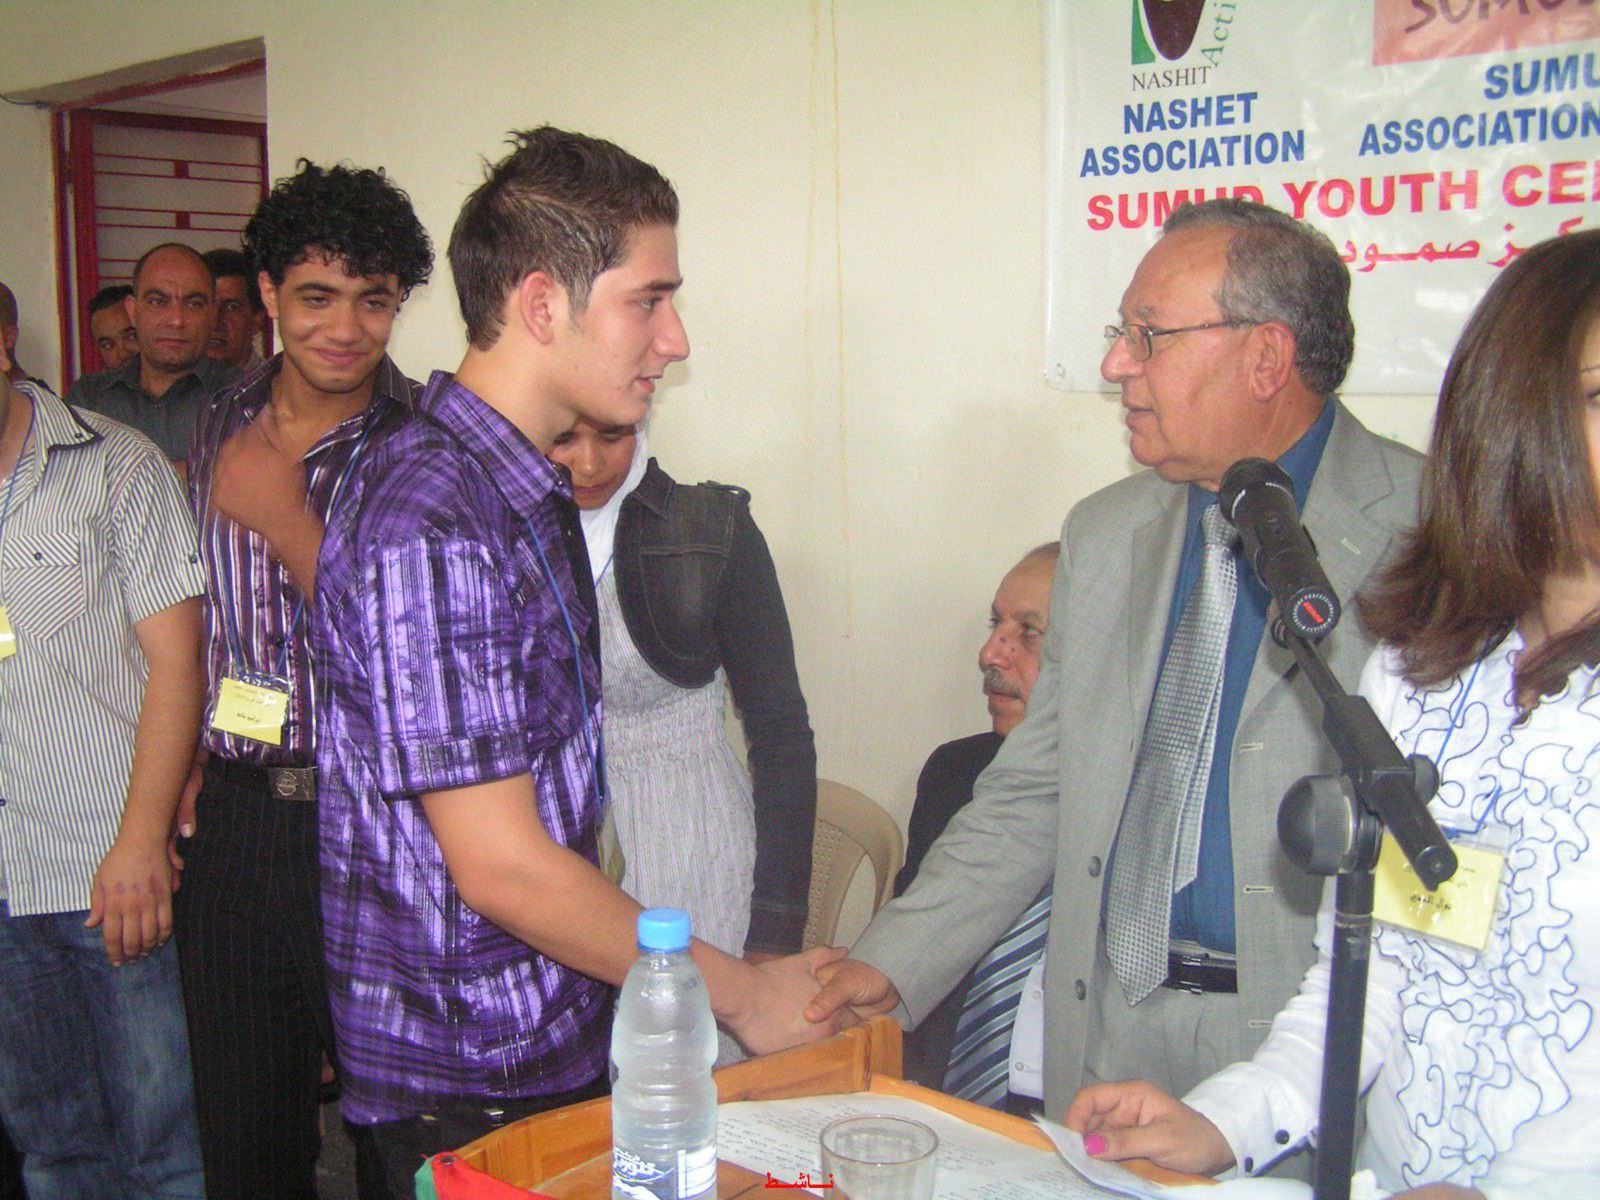 جمعية ناشط تنظم حفل توقيع كتاب [ قصص من المخيم ] في عين الحلوة